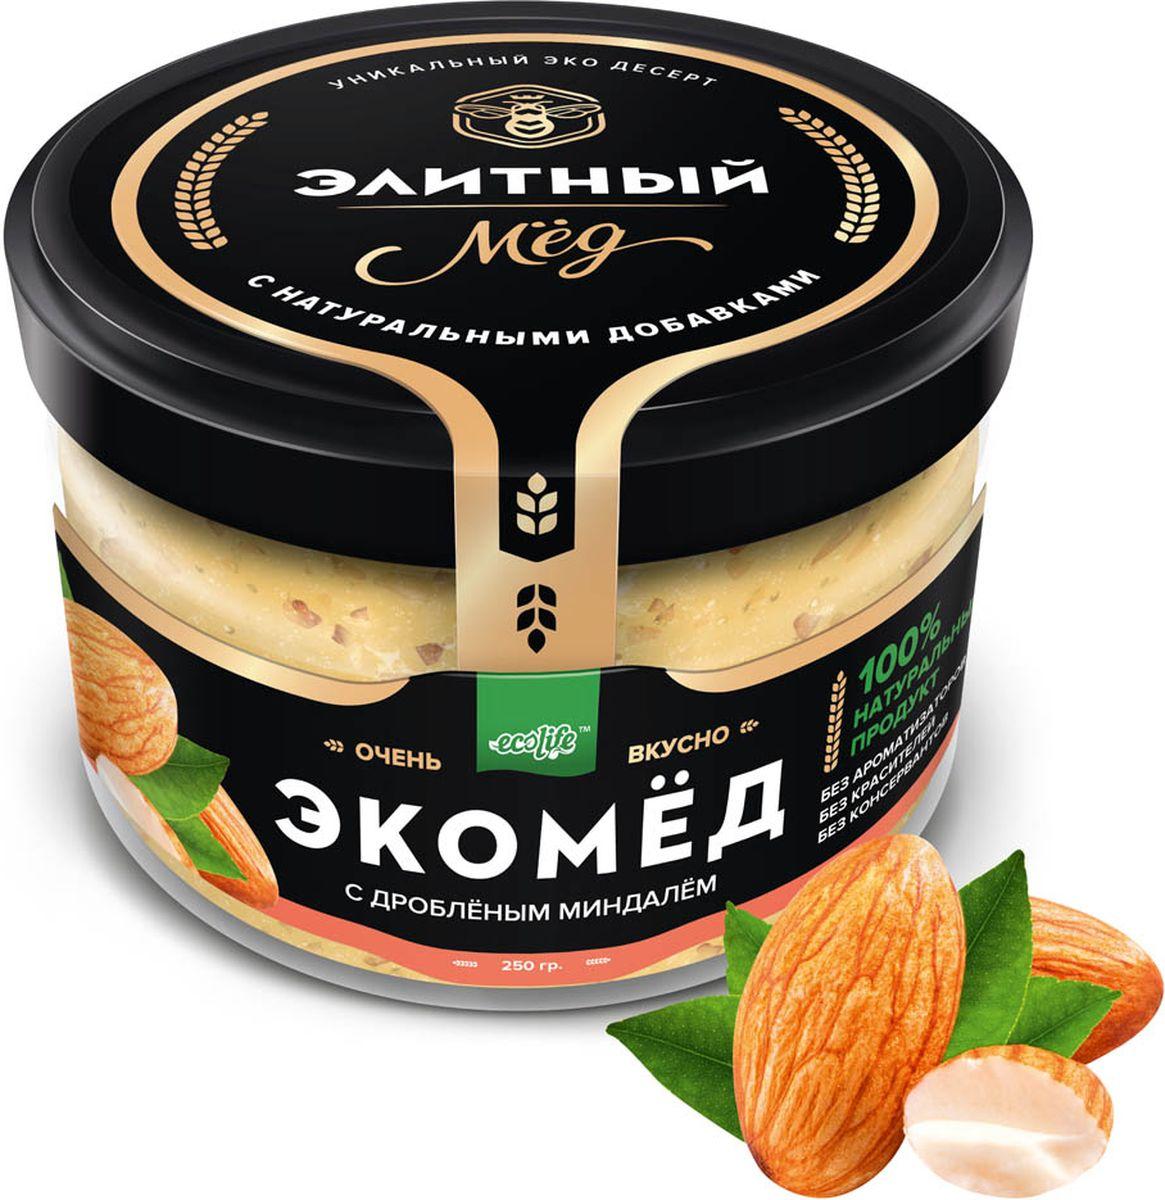 Ecolife Экомед с миндалем, 250 г0120710100% натуральный экопродукт, имеющий в составе только натуральные ингредиенты. При изготовлении не используется дешевый подсолнечный мёд. Мед не нагревается, сохраняются все его полезные свойства. Экомёд не имеет эффекта расслаивания.